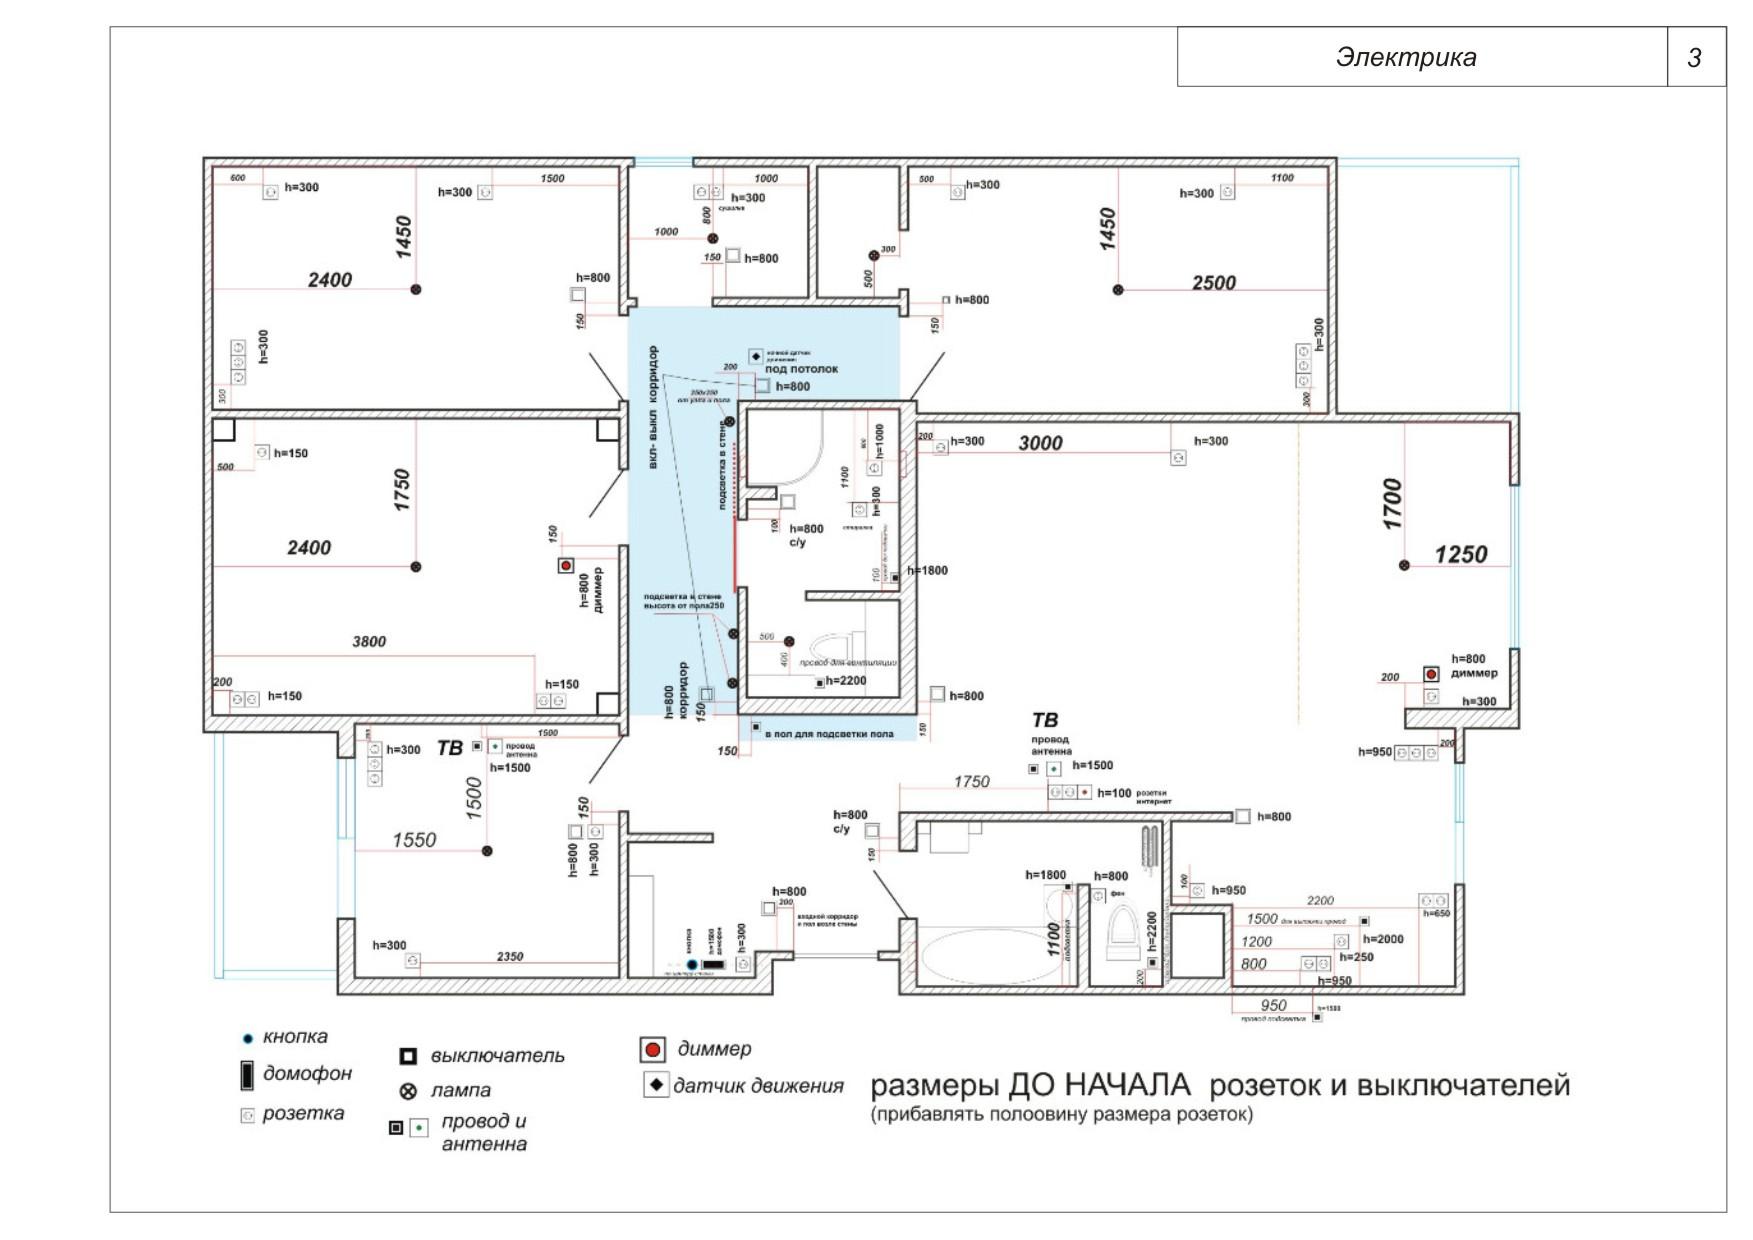 objedinenie_dvuh_kvartir_3_elektrika